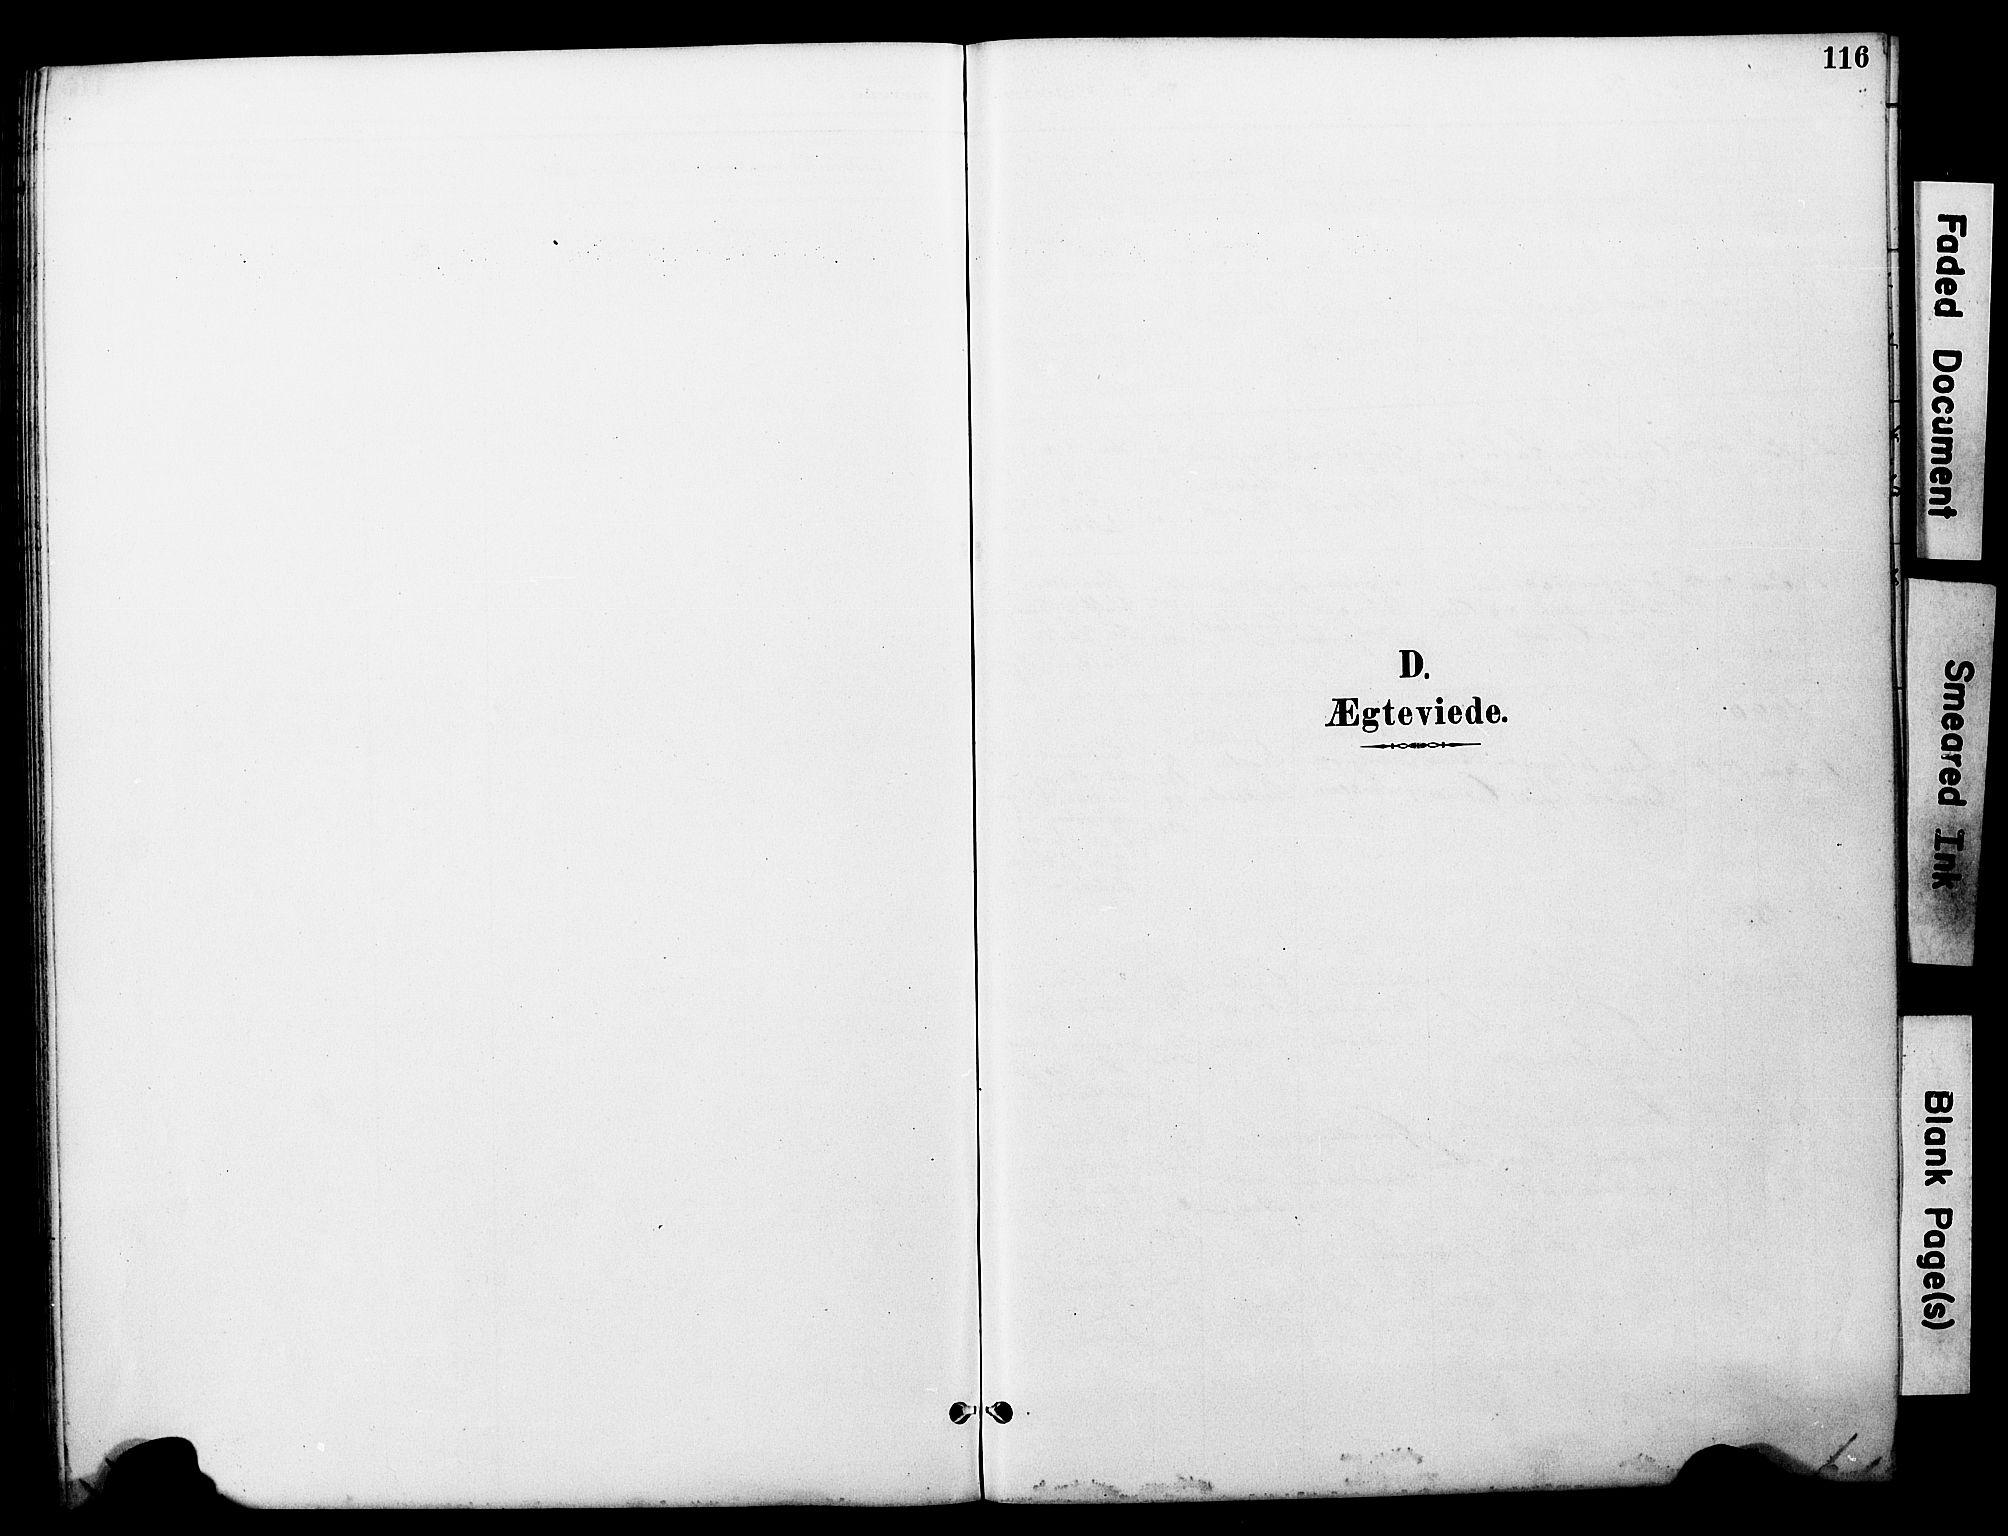 SAT, Ministerialprotokoller, klokkerbøker og fødselsregistre - Nord-Trøndelag, 722/L0226: Klokkerbok nr. 722C02, 1889-1927, s. 116